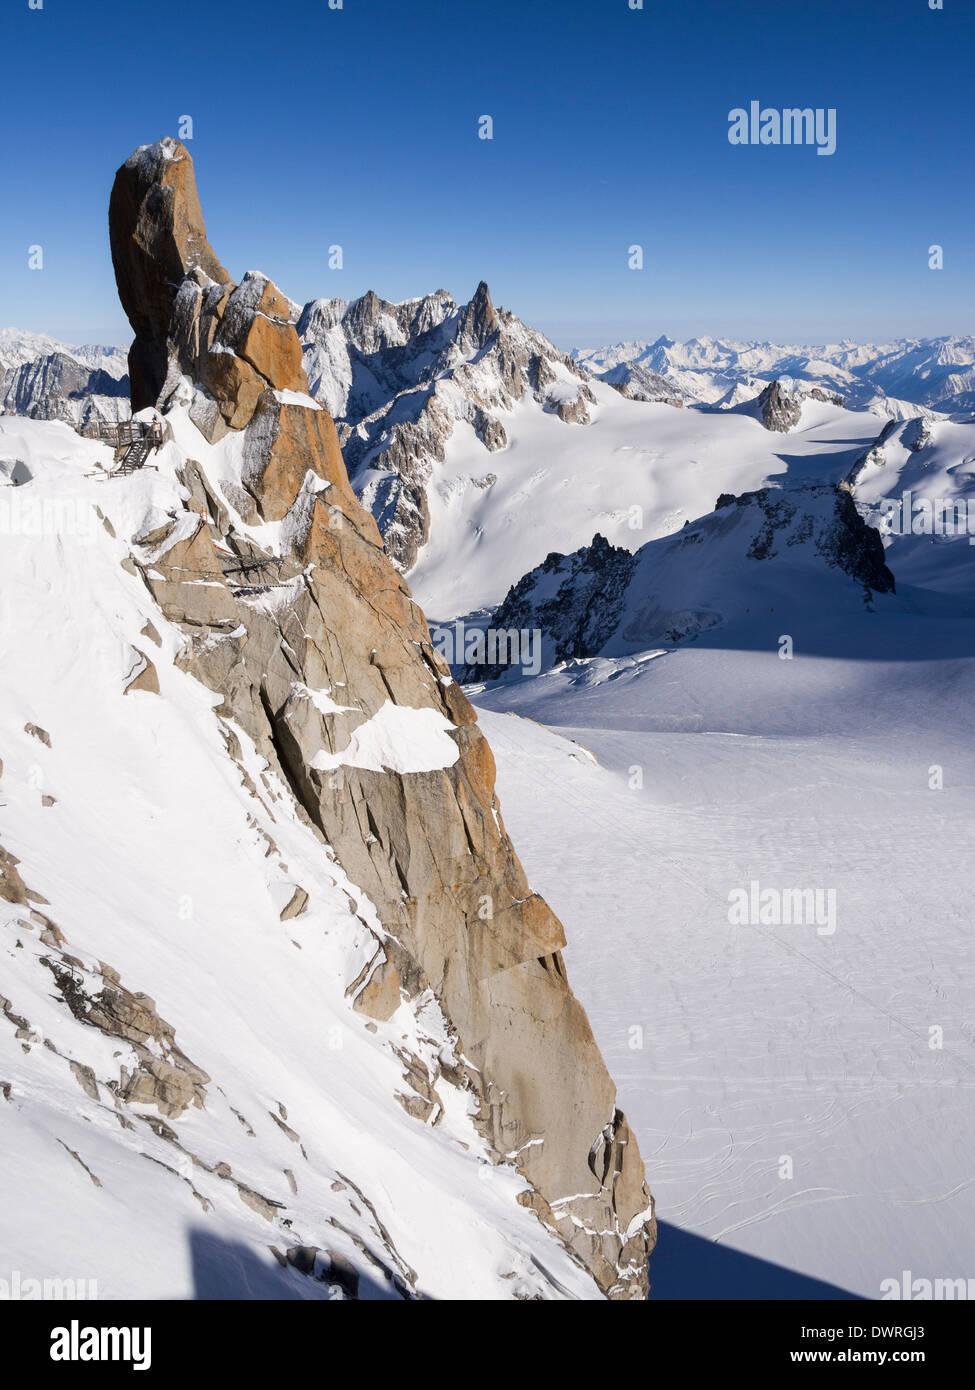 Le Piton Sud rock spur on Aiguille du Midi in Mont Blanc Massif. Chamonix-Mont-Blanc, Haute Savoie, Rhone-Alpes, France, Europe - Stock Image